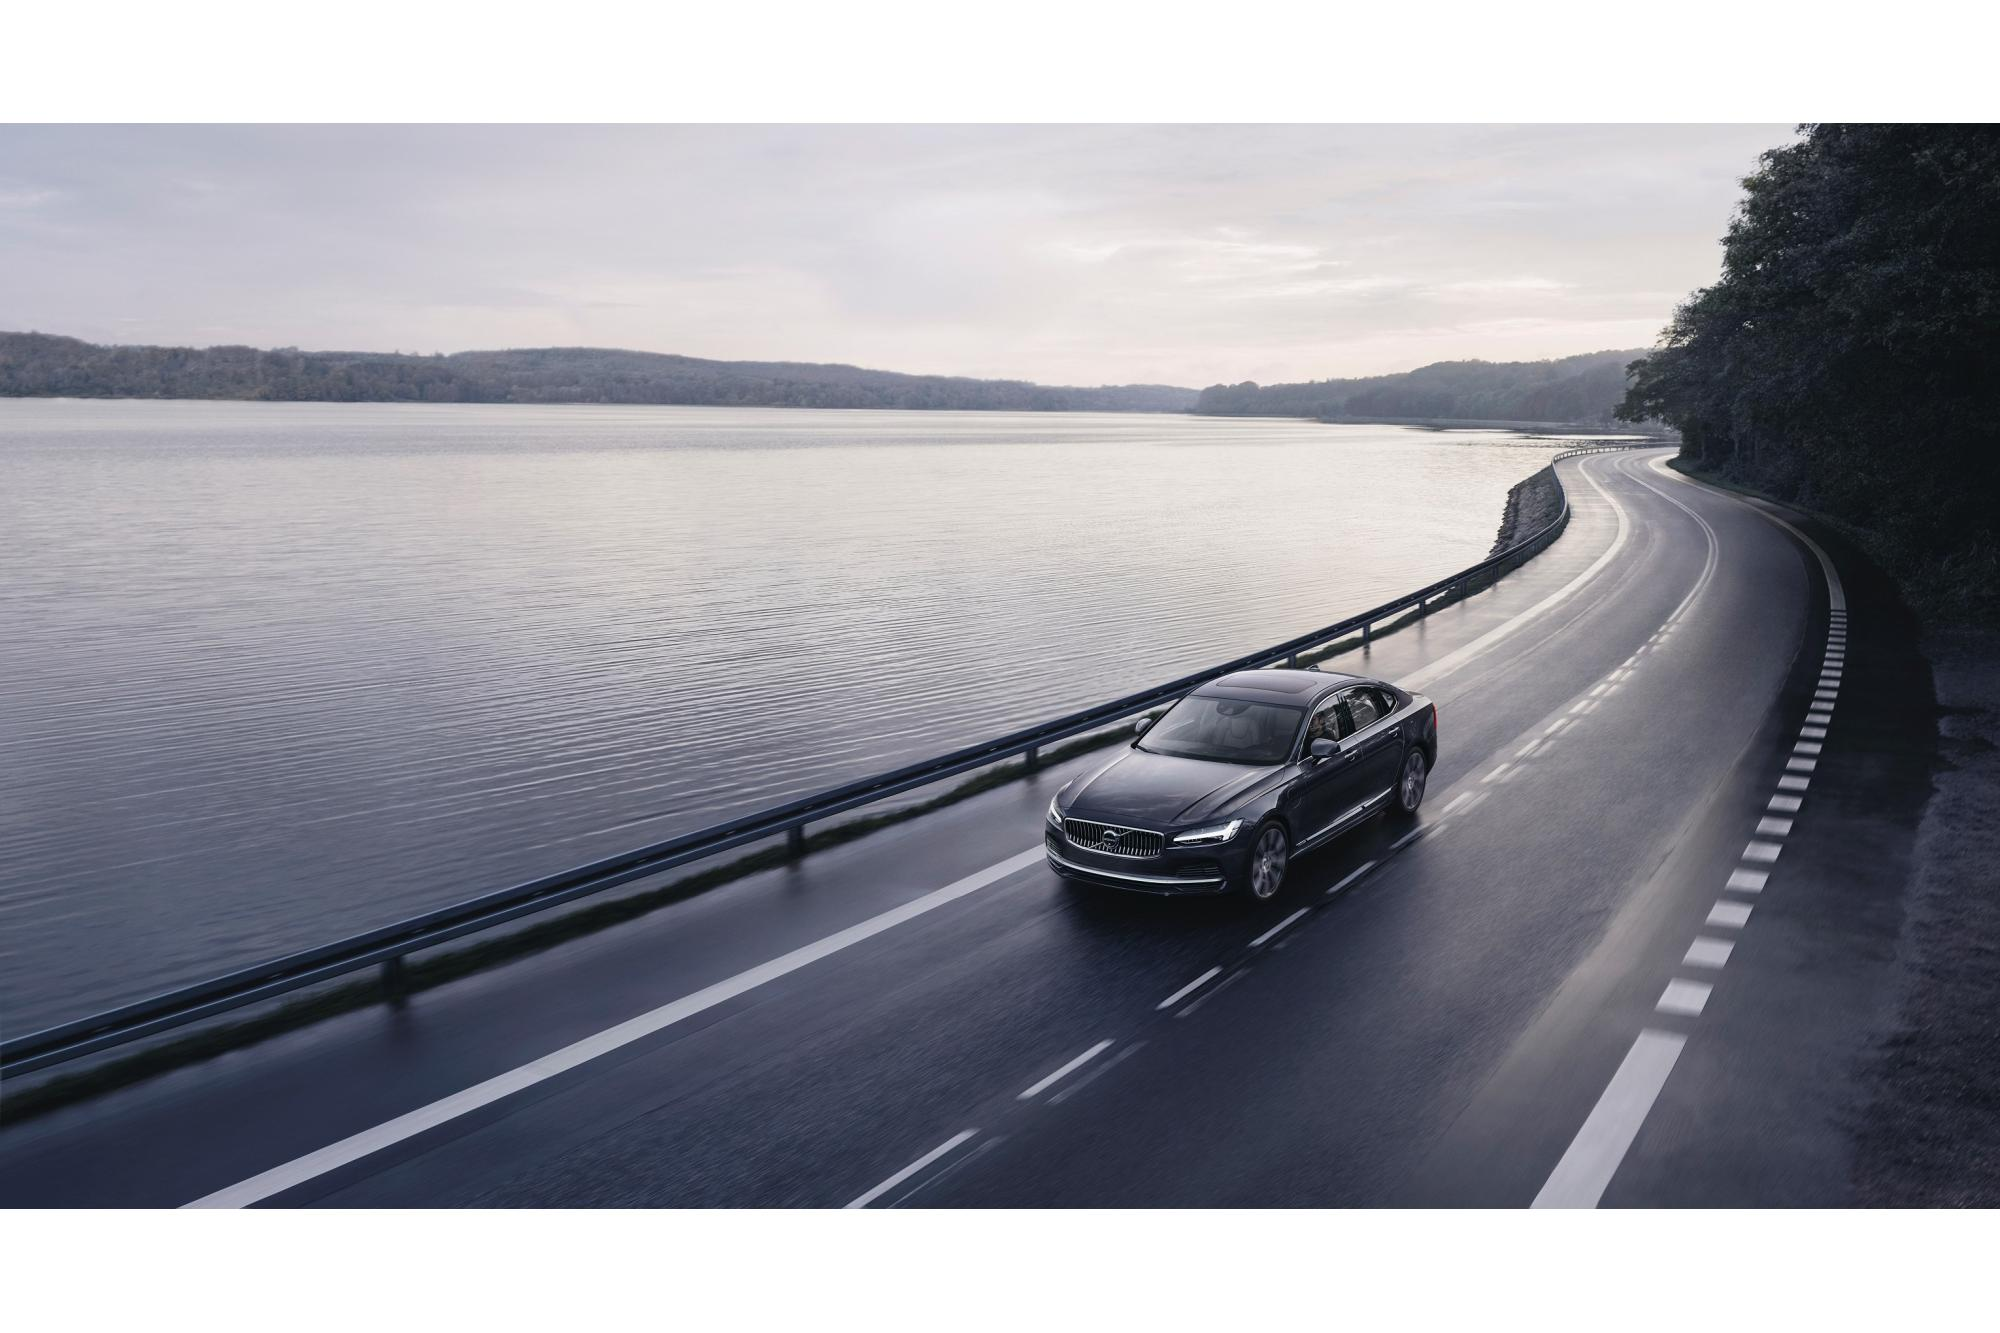 Όριο ταχύτητας για τα Volvo στα 180km/h!